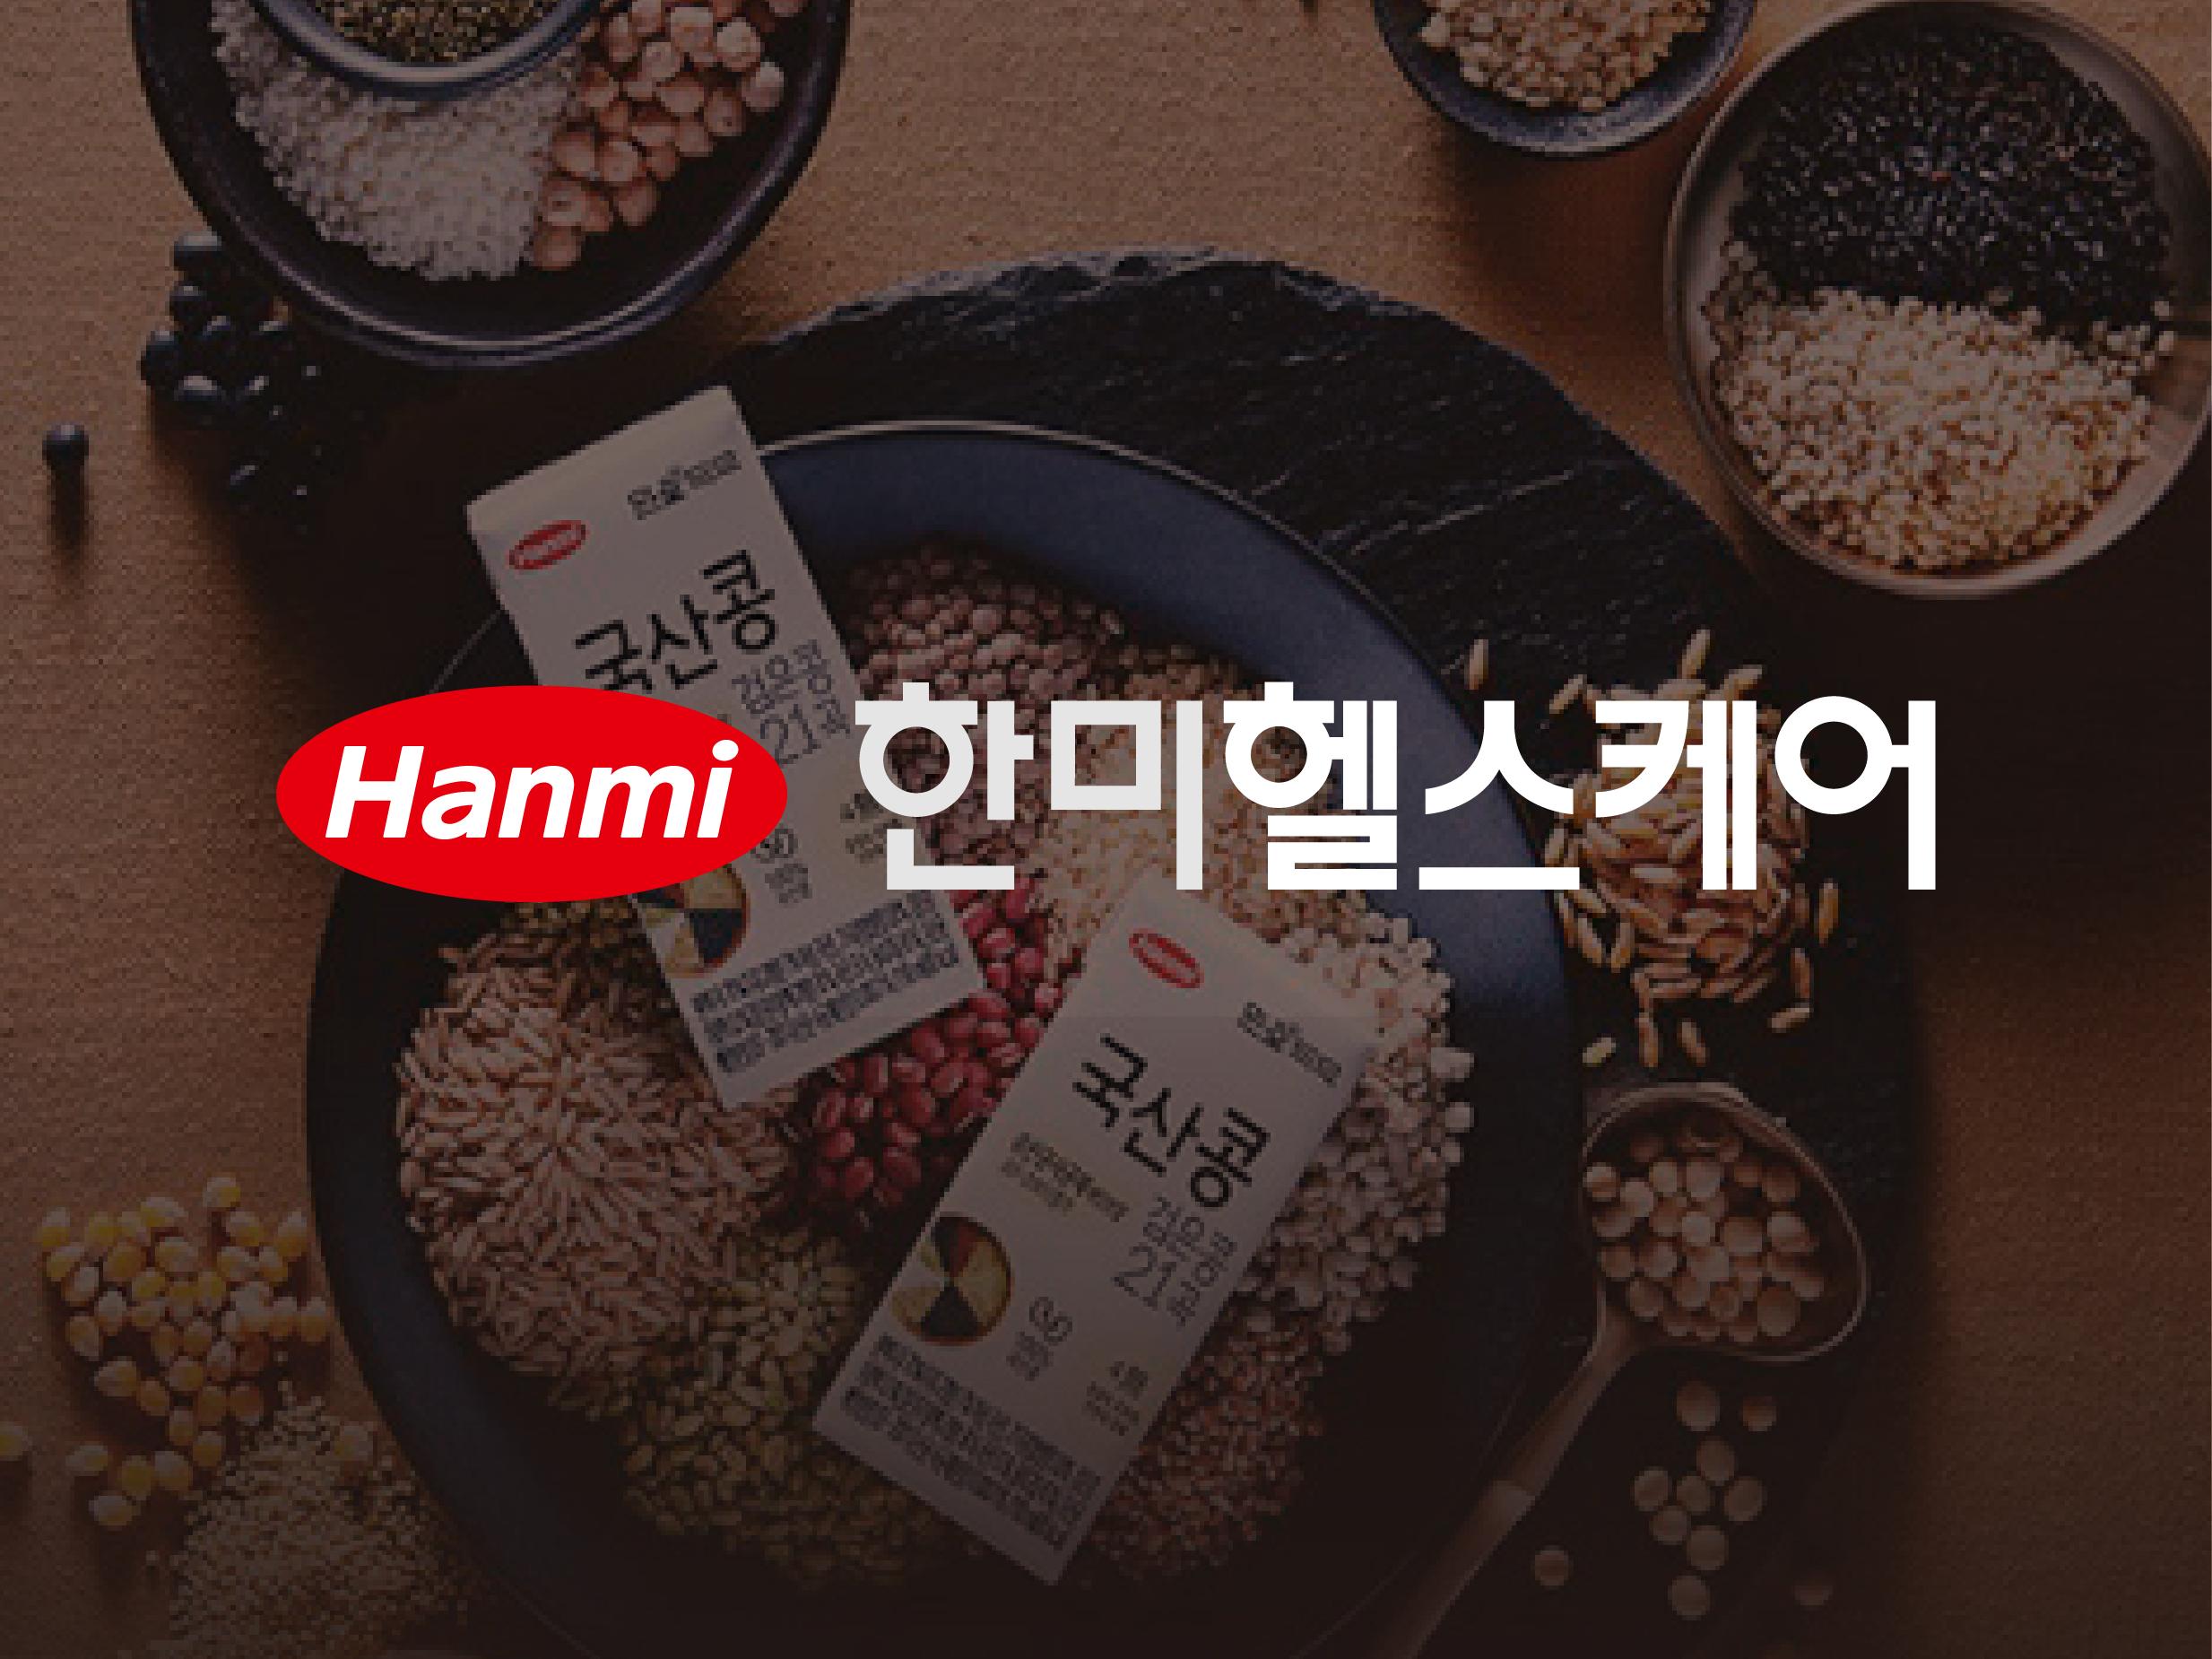 한미헬스케어미니인턴-배너-01.png